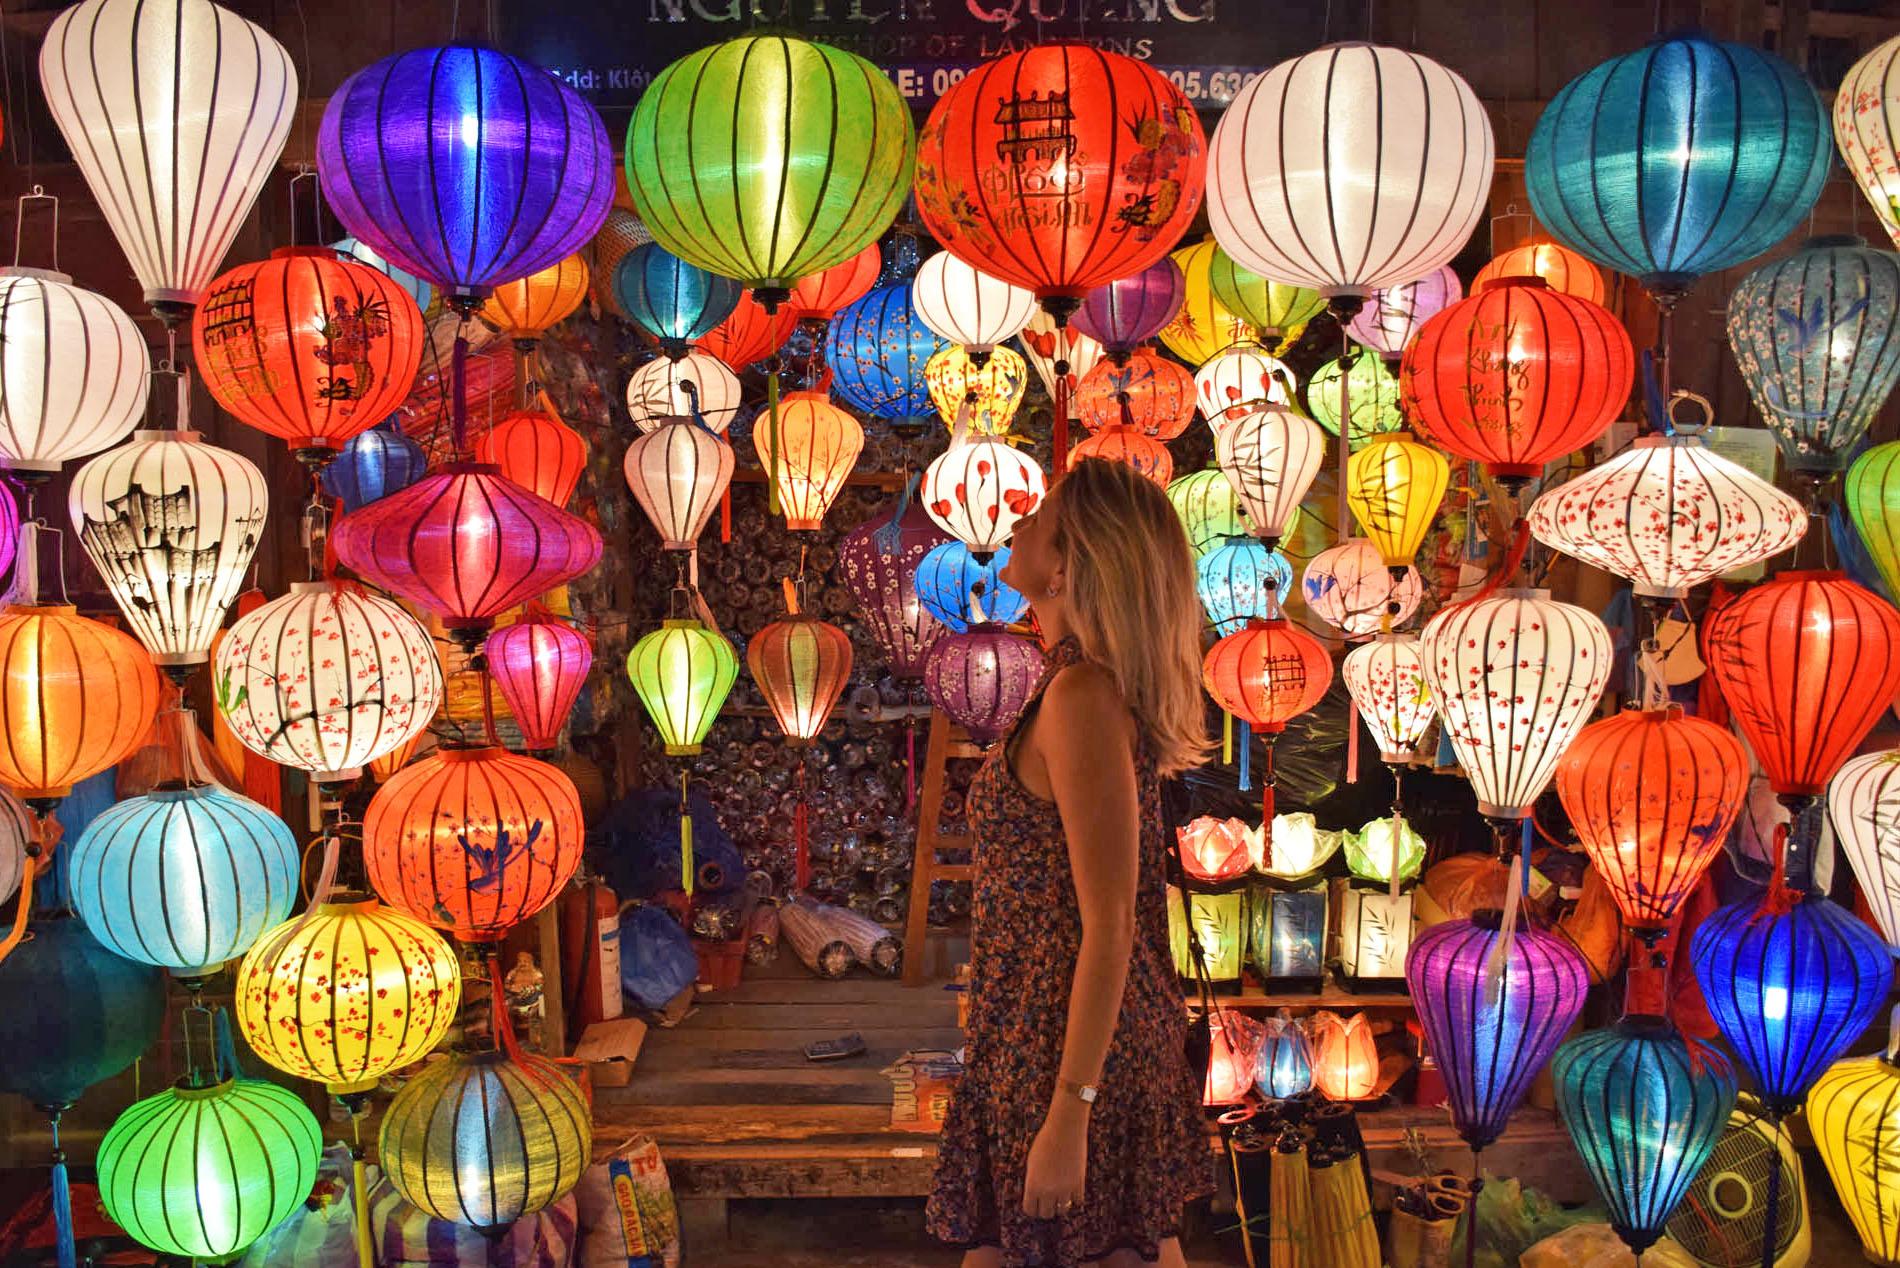 Muitas e muitas lanternas a venda em Hoi An. Liiindo!!!